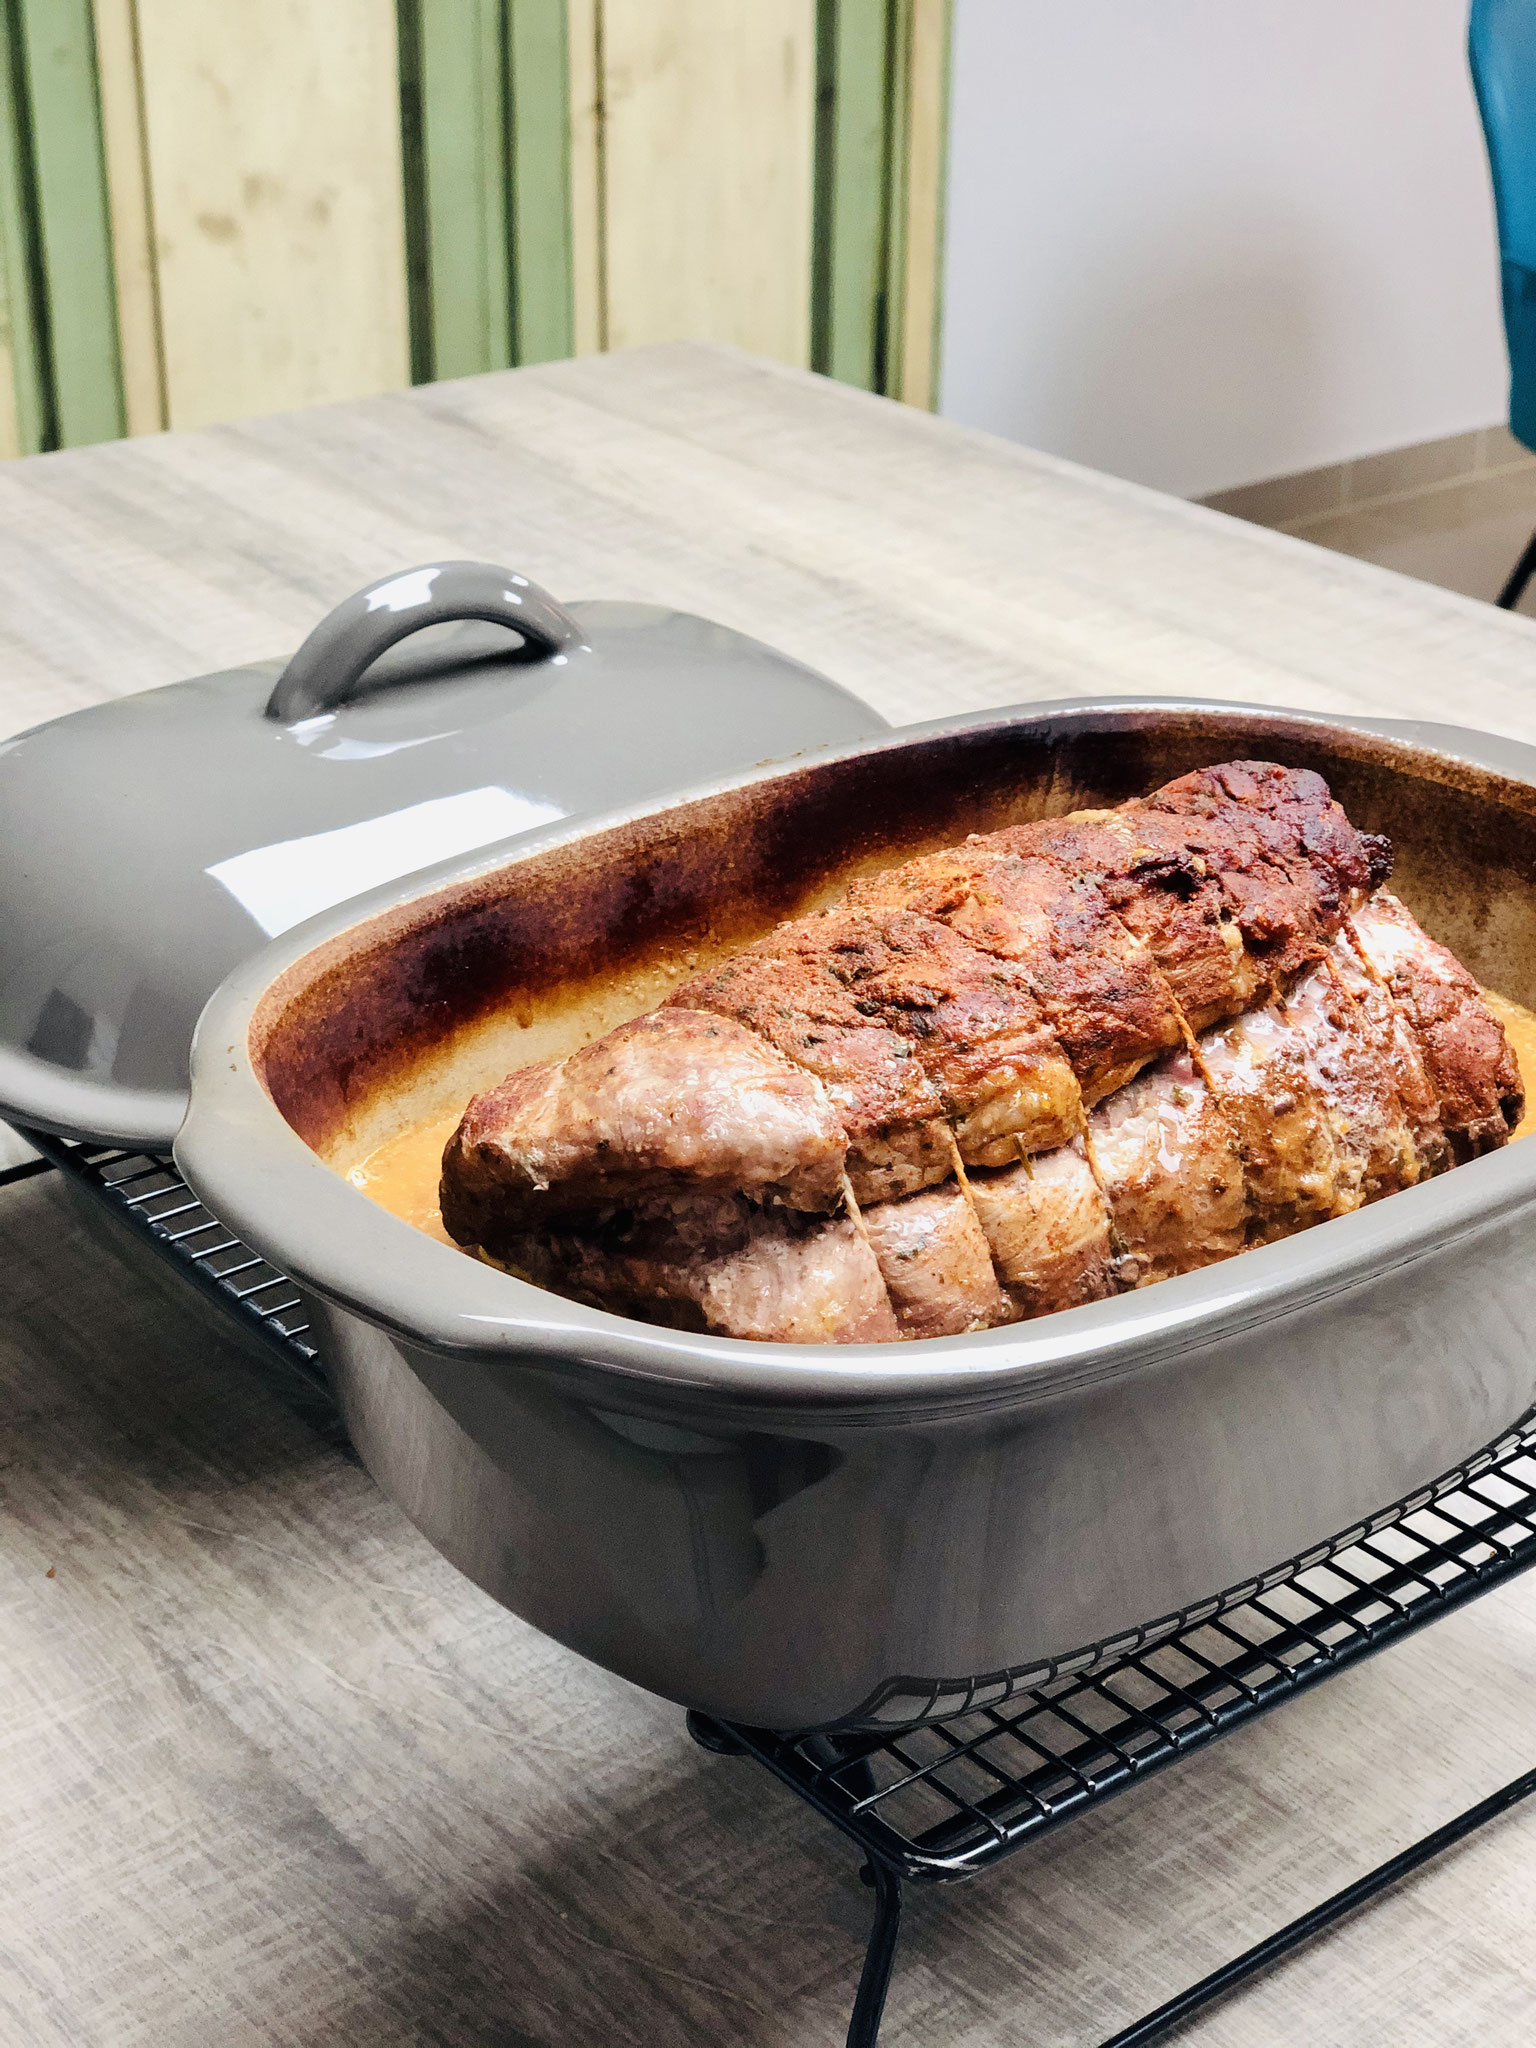 Fein geschmort in leckerer Soße ist dieser Braten ein Genuss aus dem Ofenmeister